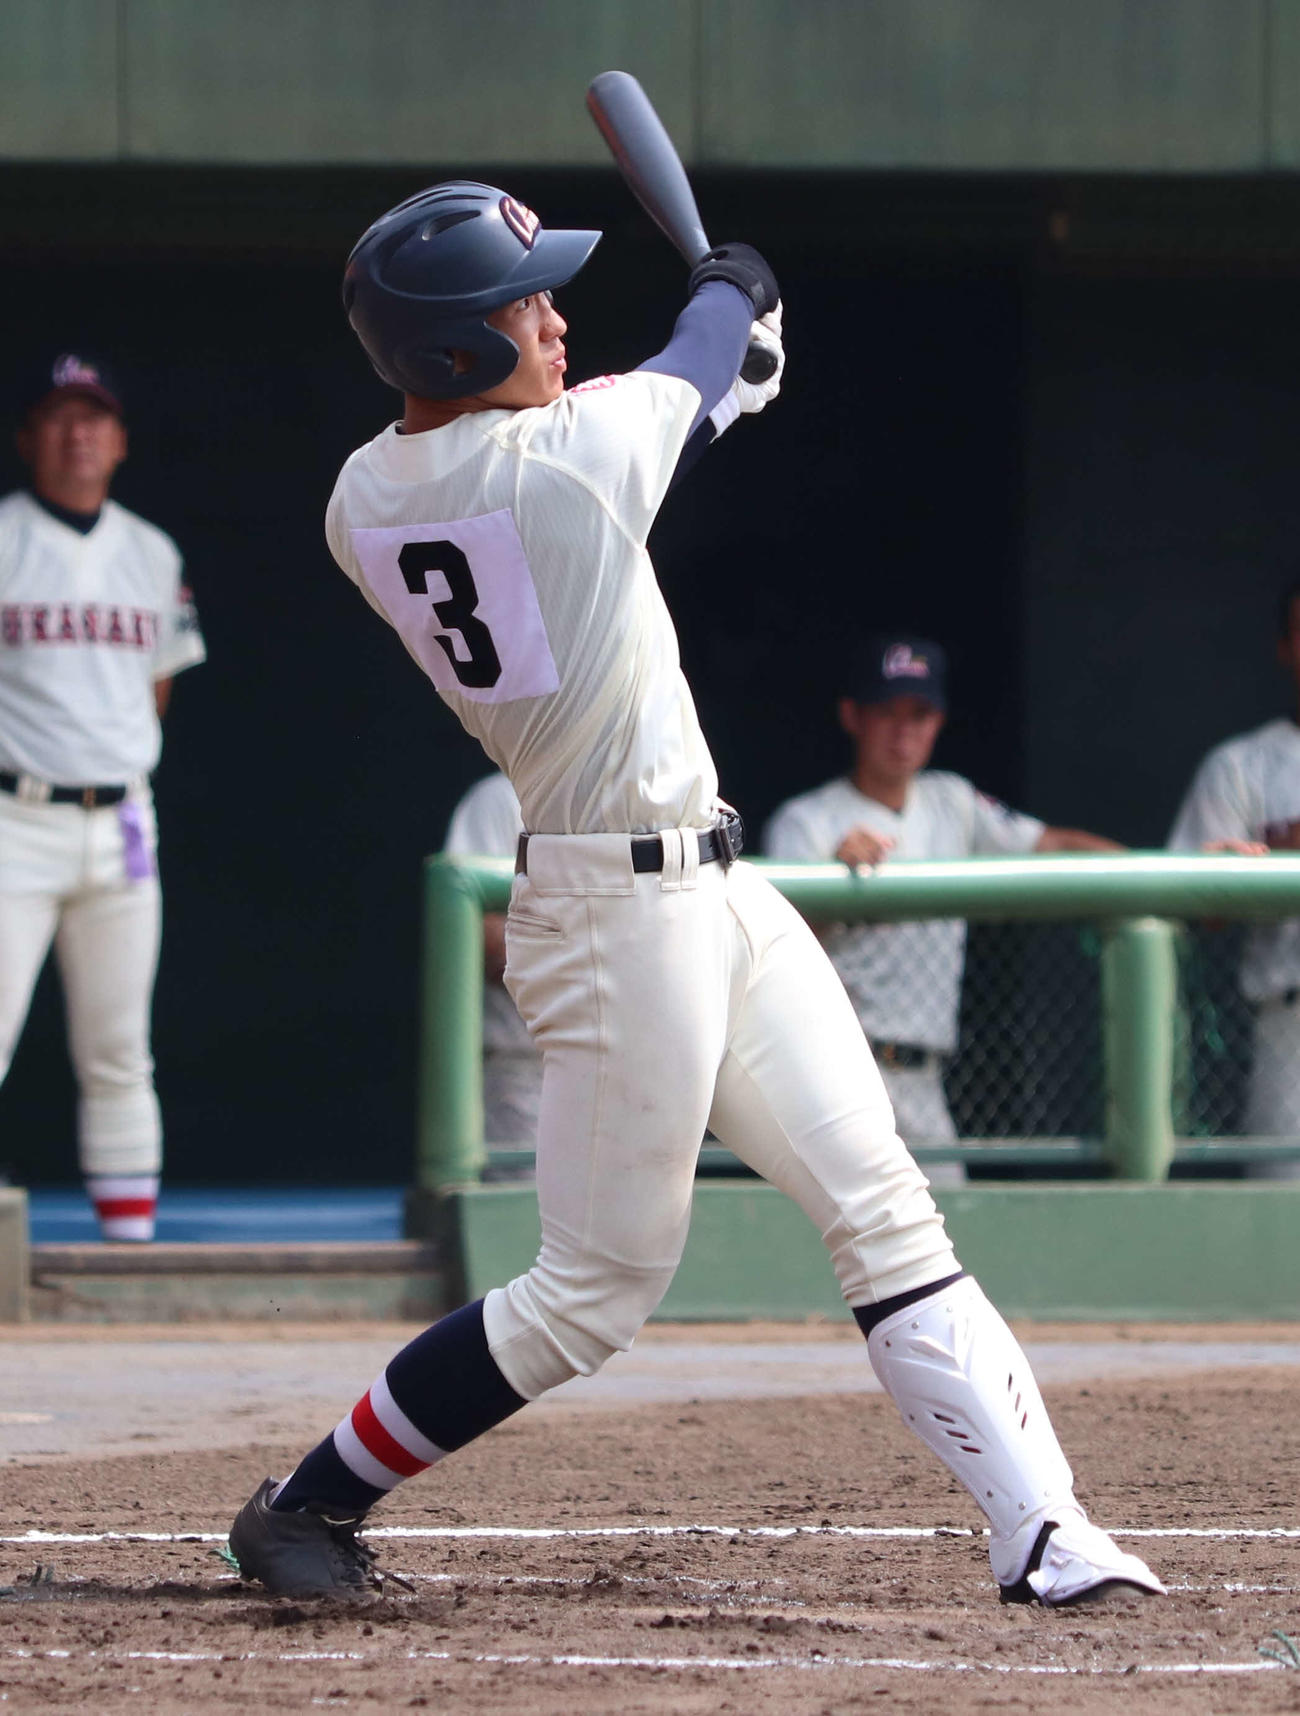 浦和工対浦和学院 2回裏1死一、二塁、中越打を放つ金丸(撮影・沢田直人)